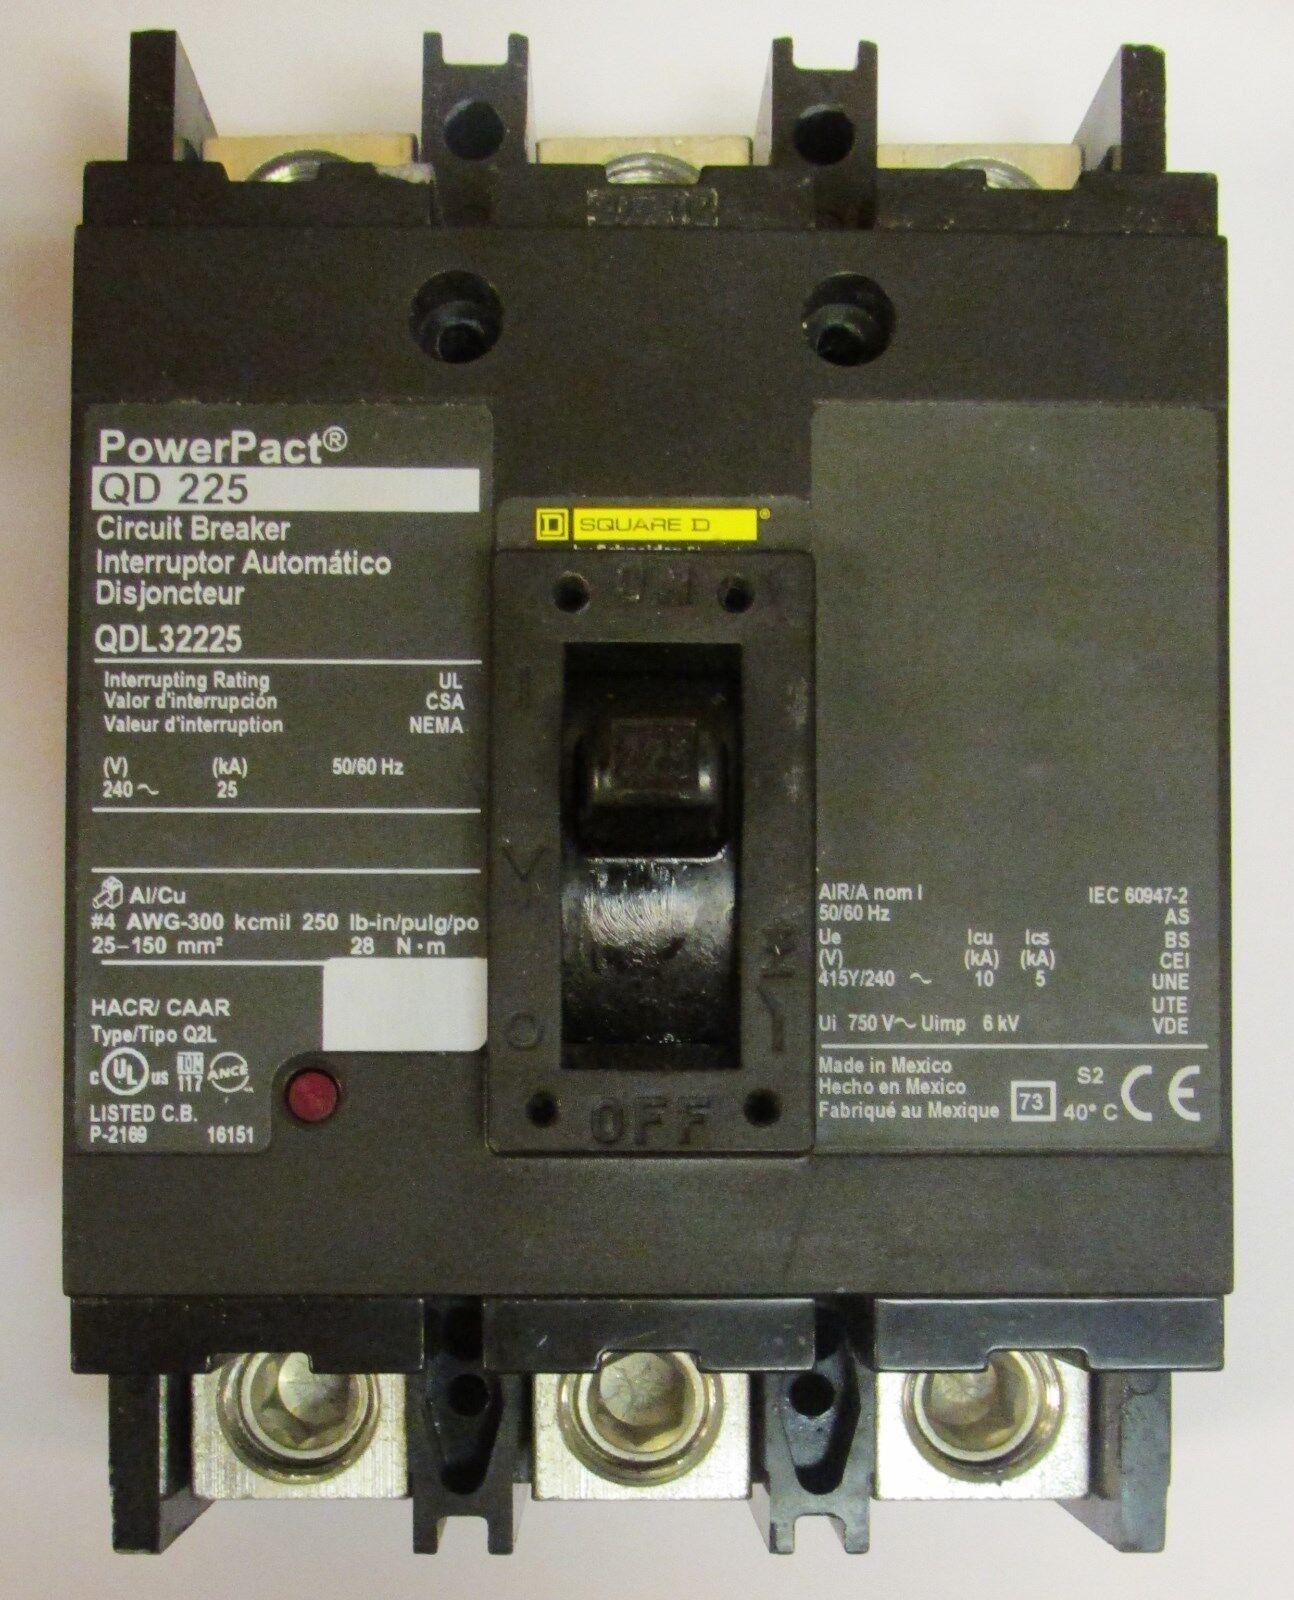 Square D Power Pact Circuit Breaker QDL3225 QD 225 Amps 3 Pole ...